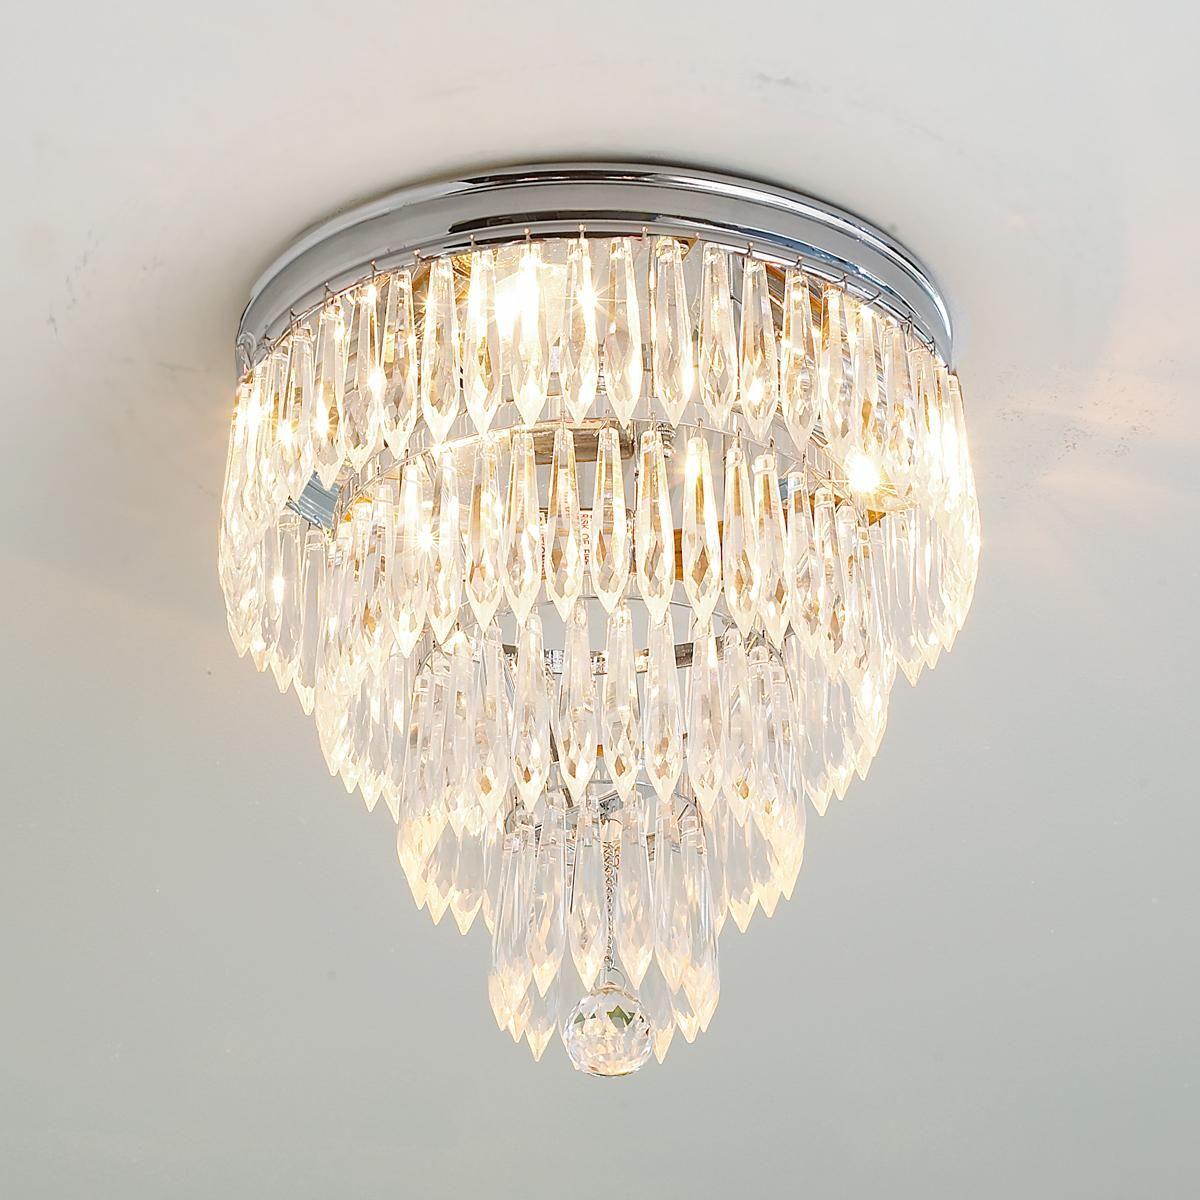 Bathroom Ceiling Lights Crystal Square : Framed crystal glam square ceiling light wedding cakes